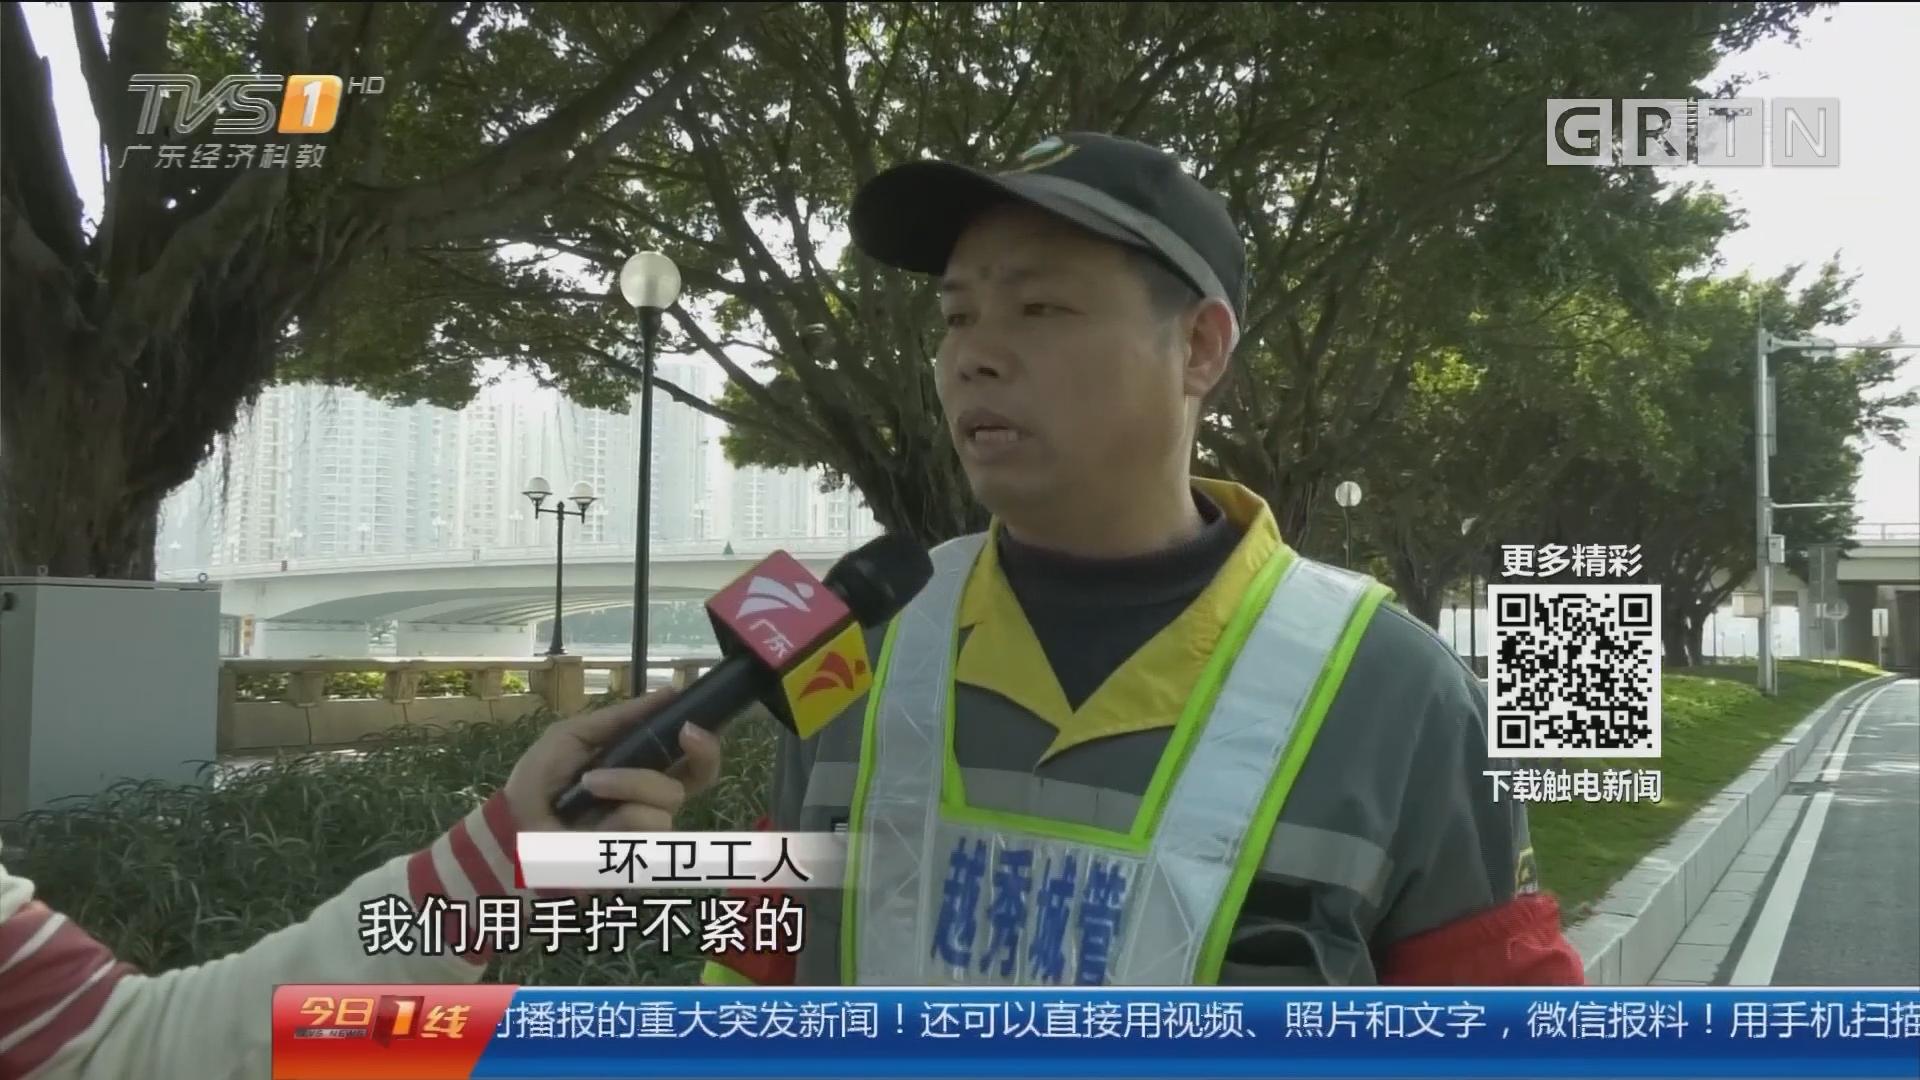 广州二沙岛:市政消防栓漏水数小时 疑遭人为偷盗